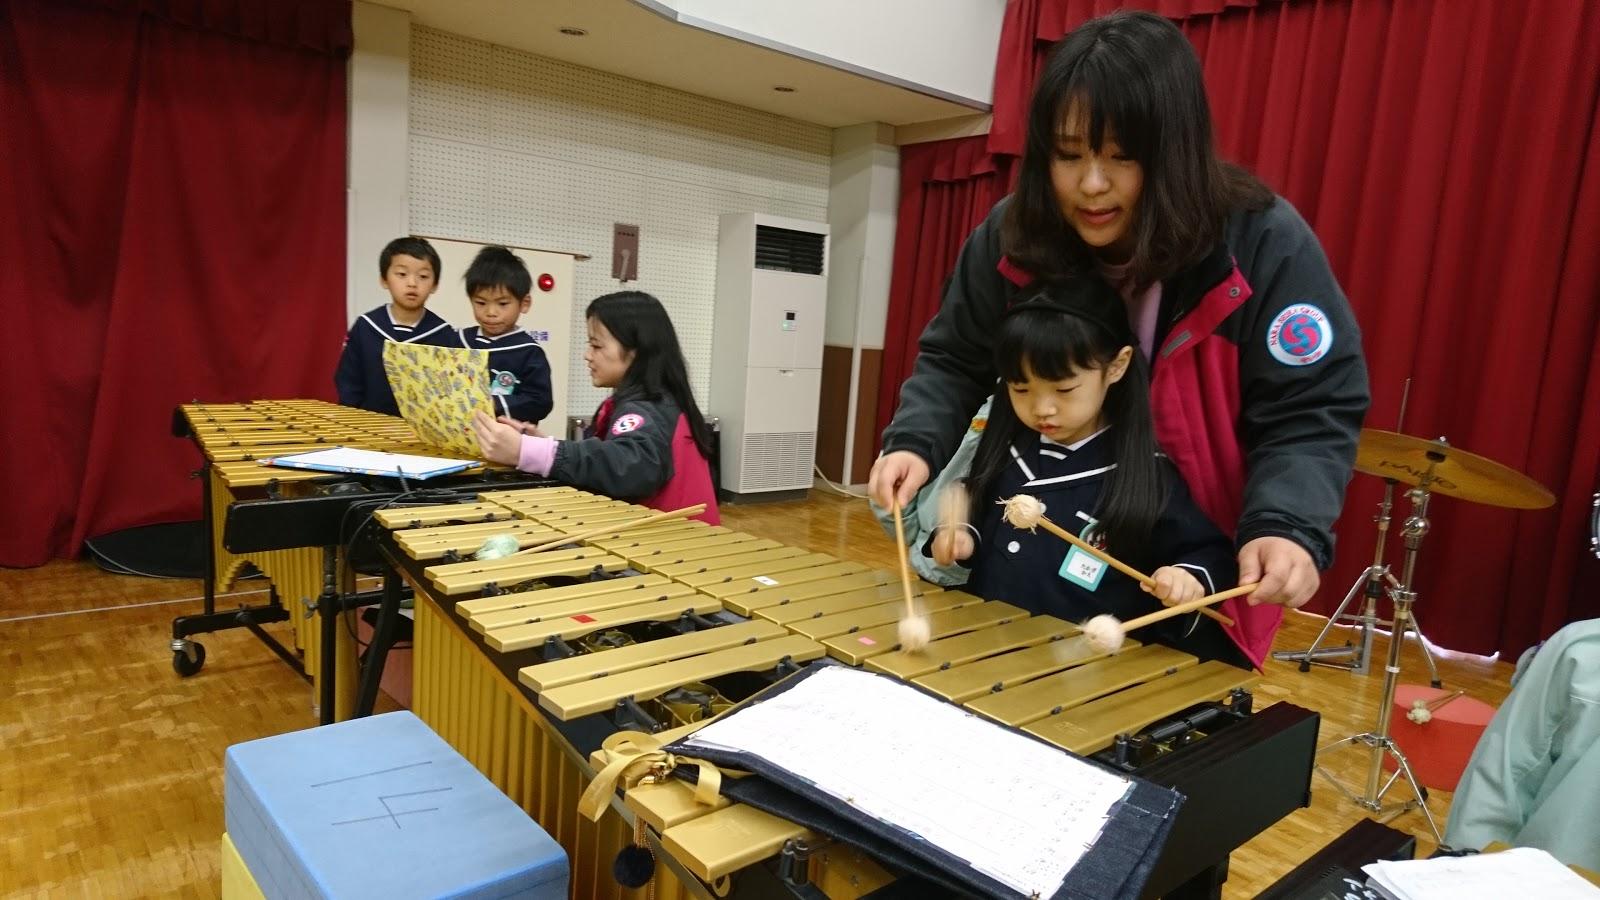 せいか幼稚園BLOG: 5歳児 音楽会練習を通して願うこと